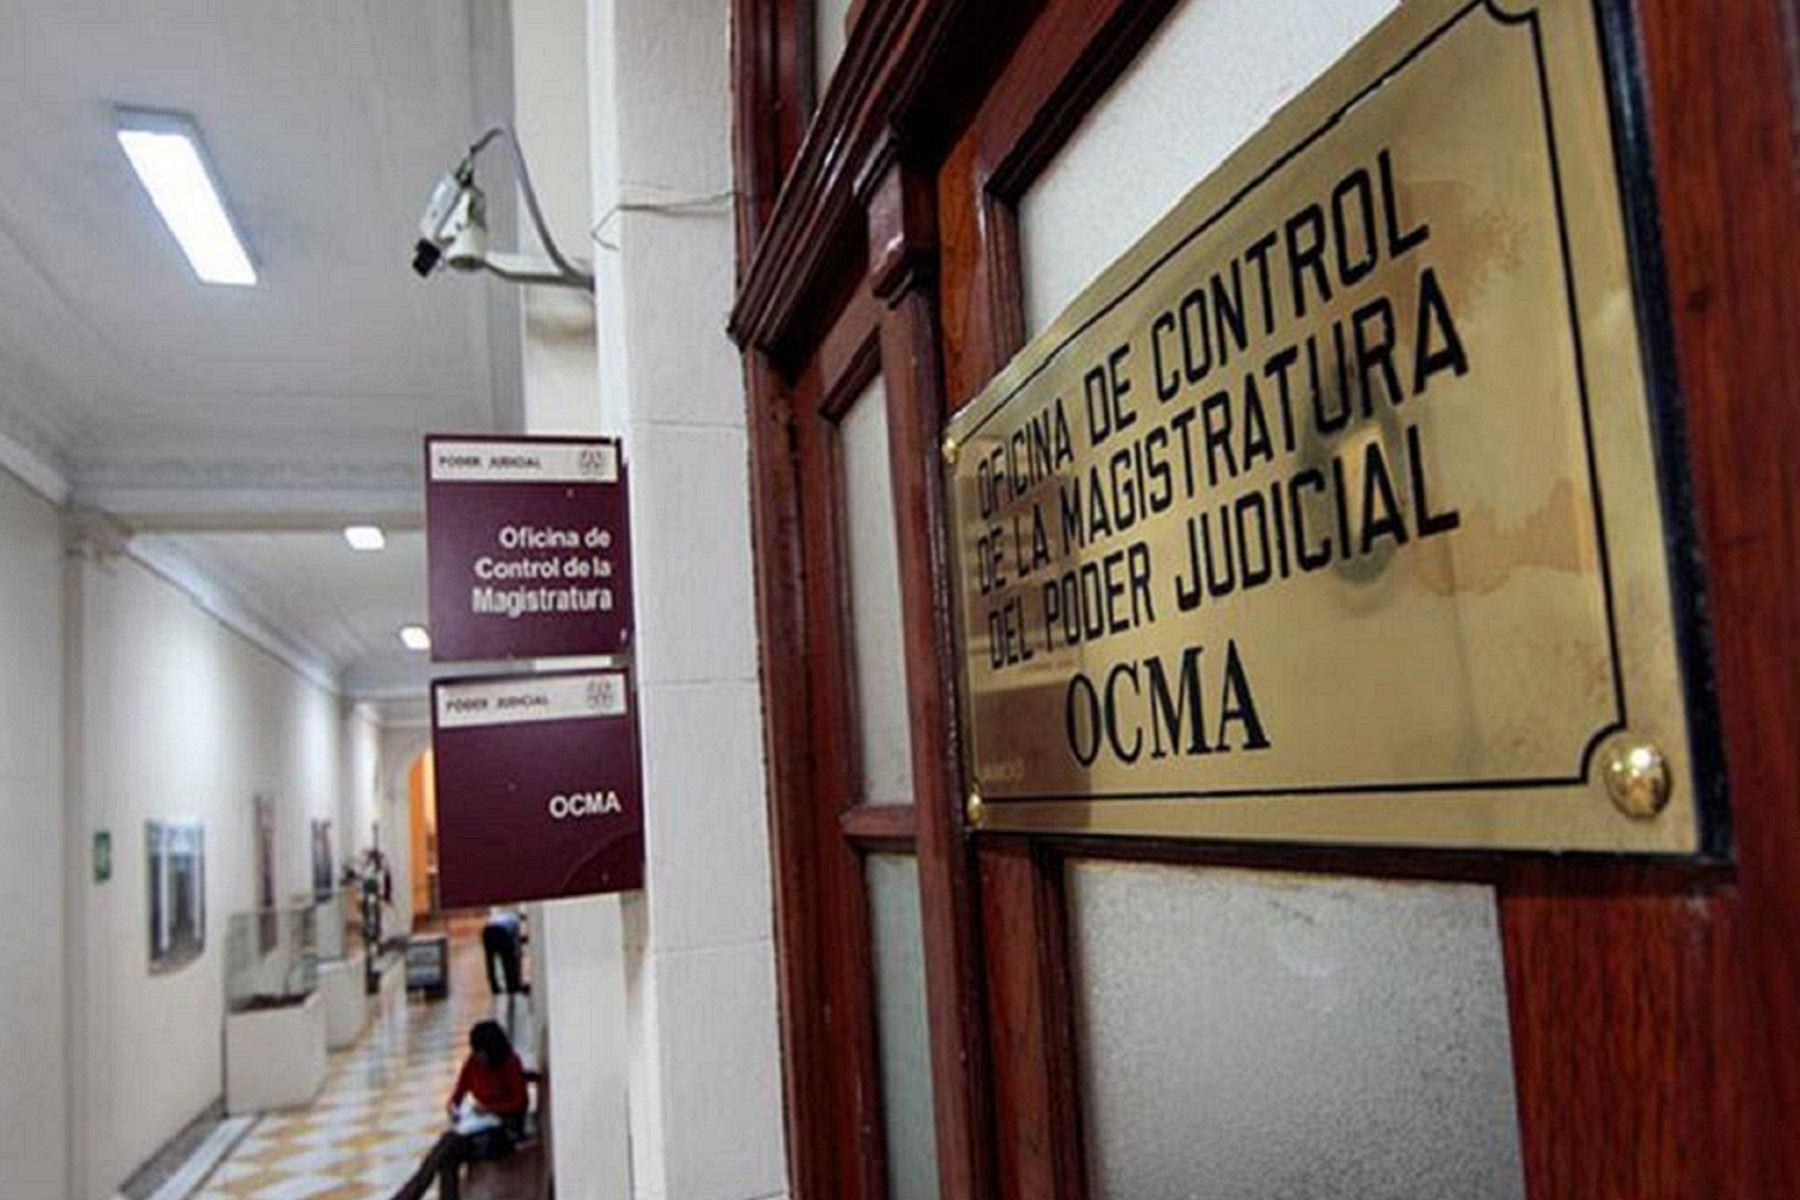 OCMA impuso más de 2 mil sanciones a jueces y auxiliares este año